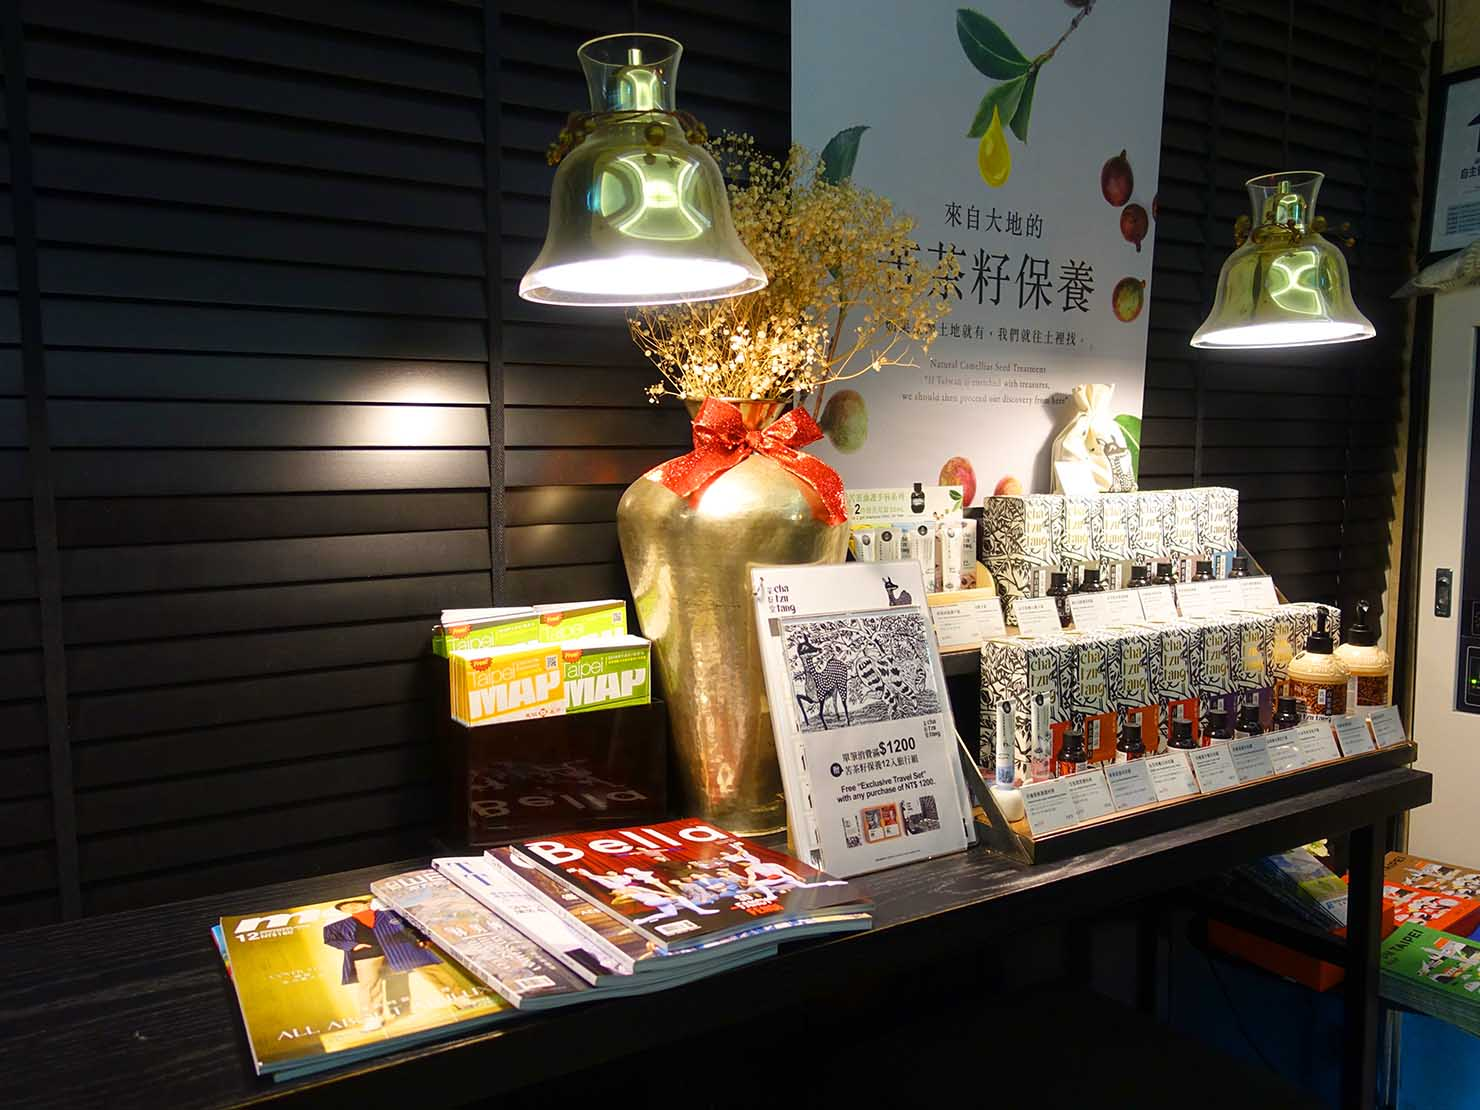 台北・大安の最高におしゃれなブティックホテル「chez nous 司旅」のロビーに置かれた台湾コスメ